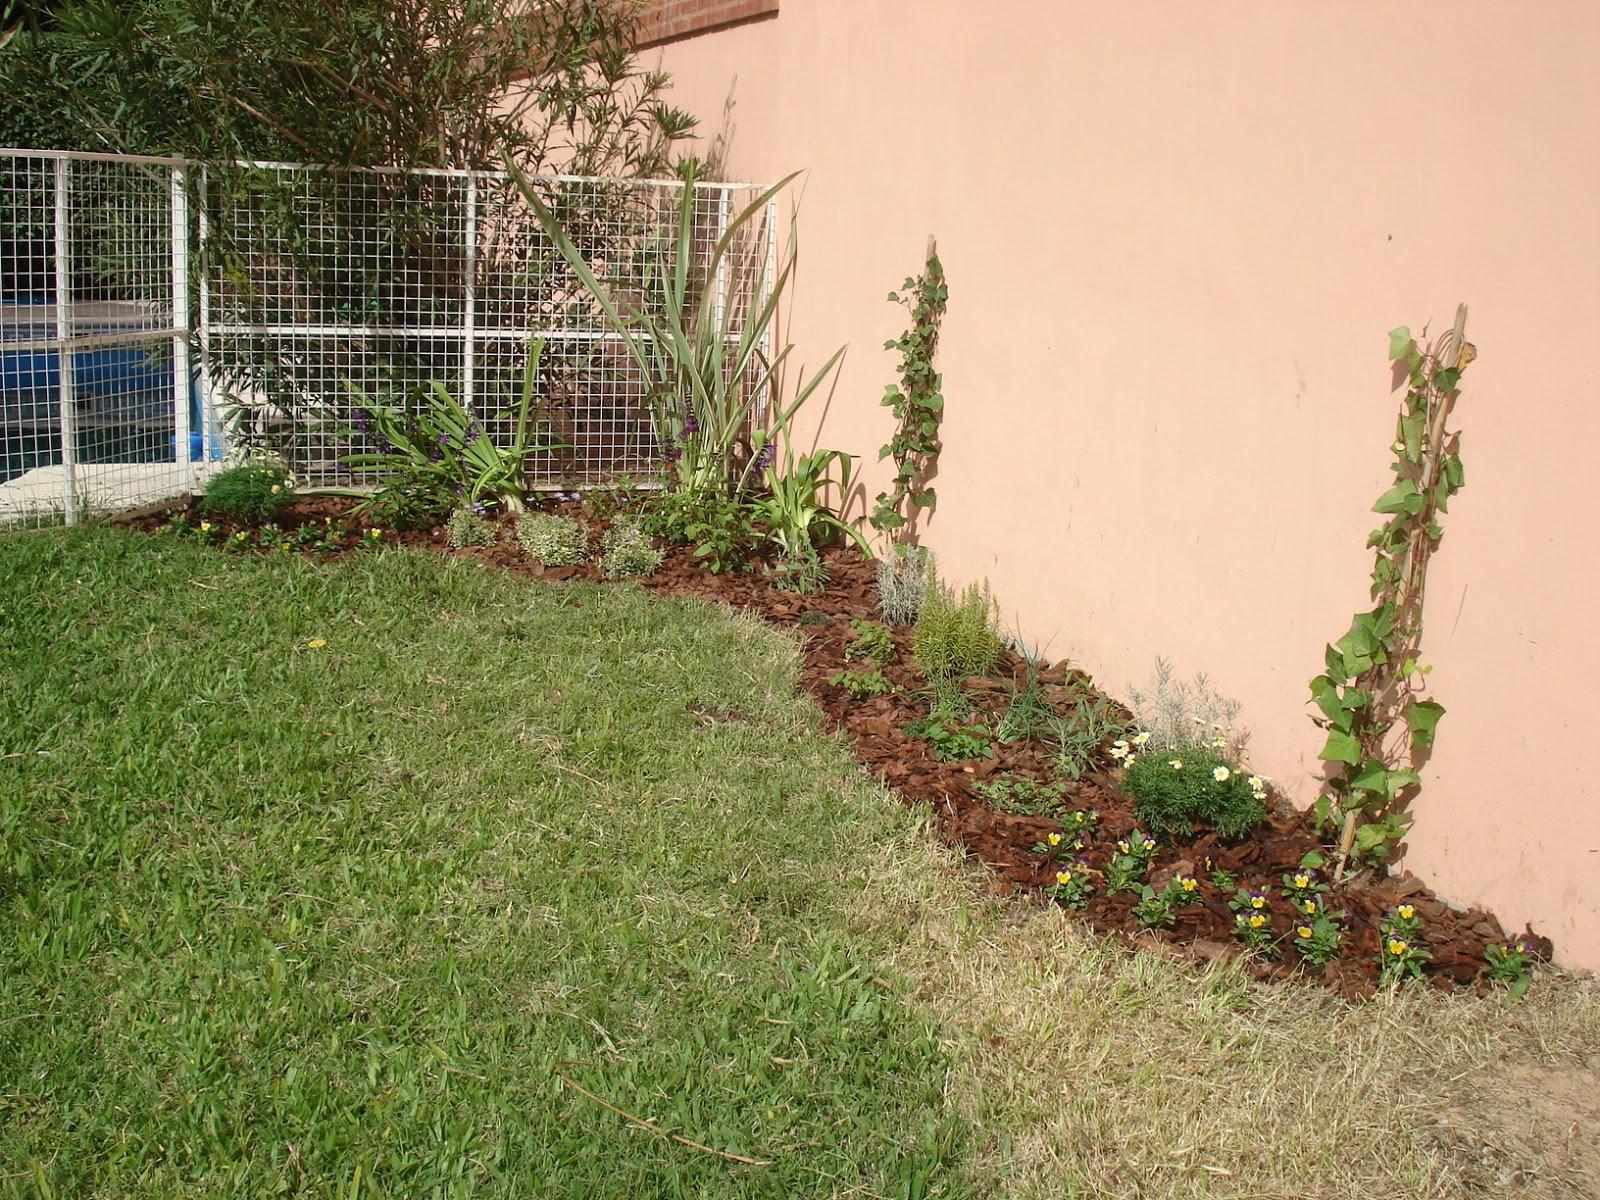 Reverdir jardineria y paisajismo mayo 2013 for Pdf jardineria y paisajismo